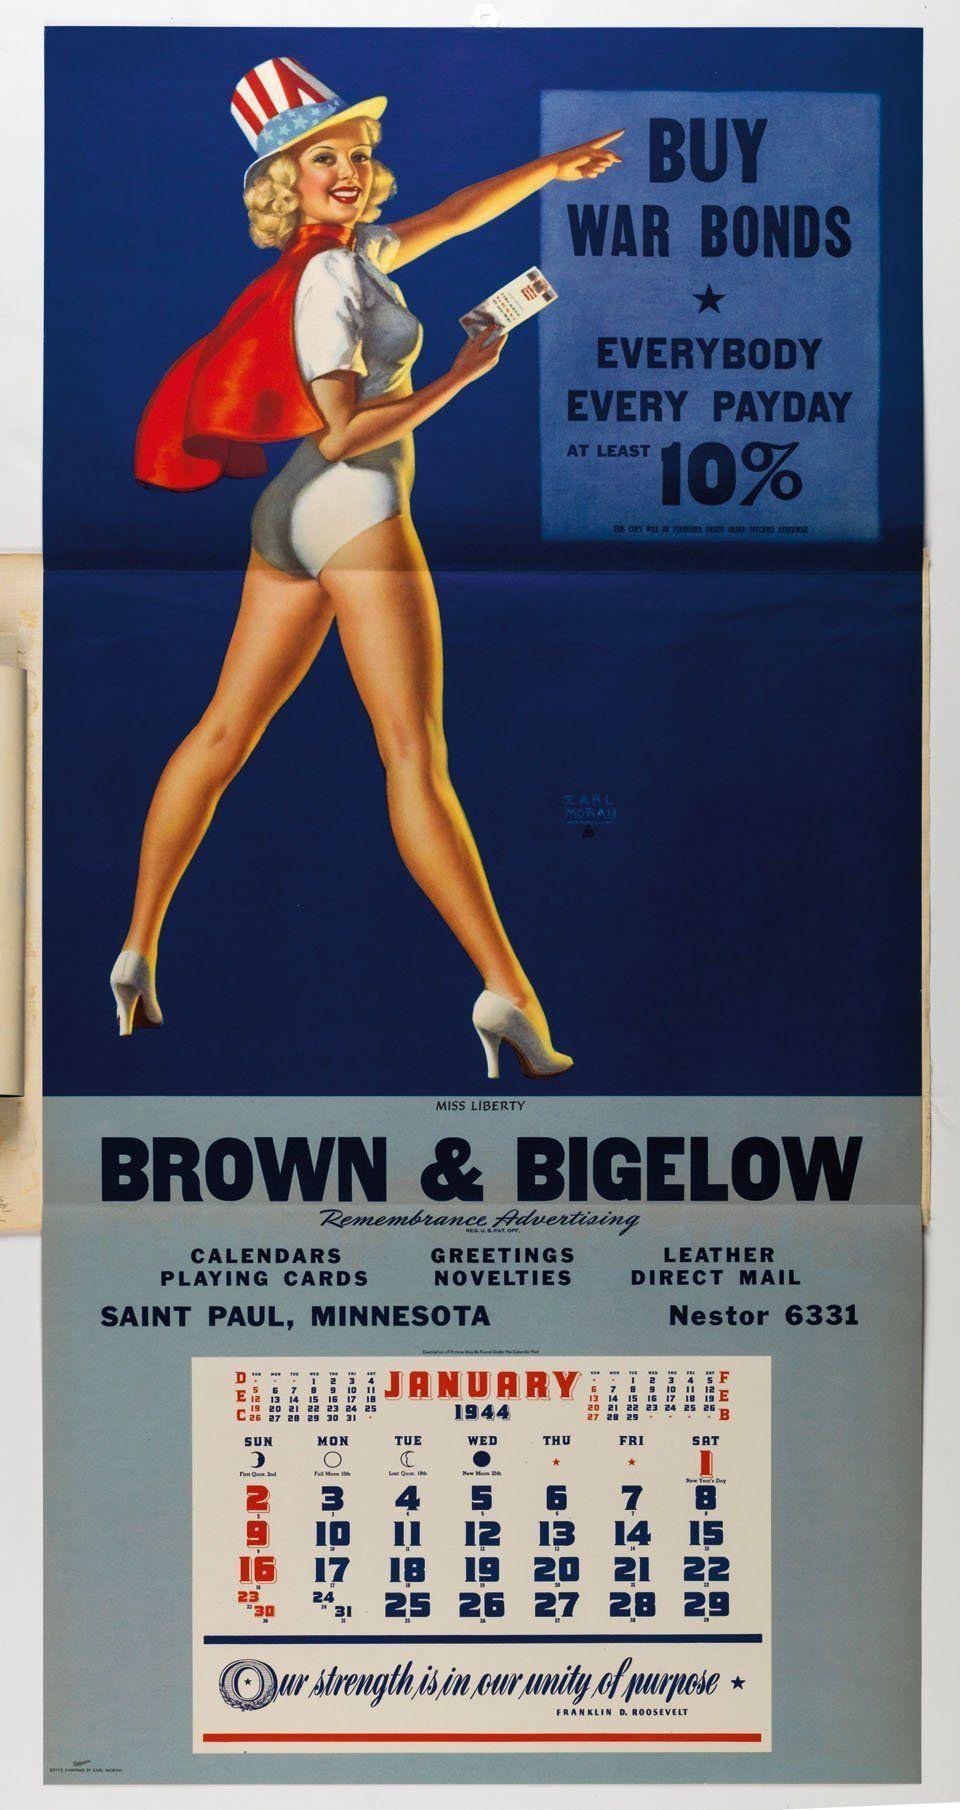 By Earl Moran (c) Brown & Bigelow